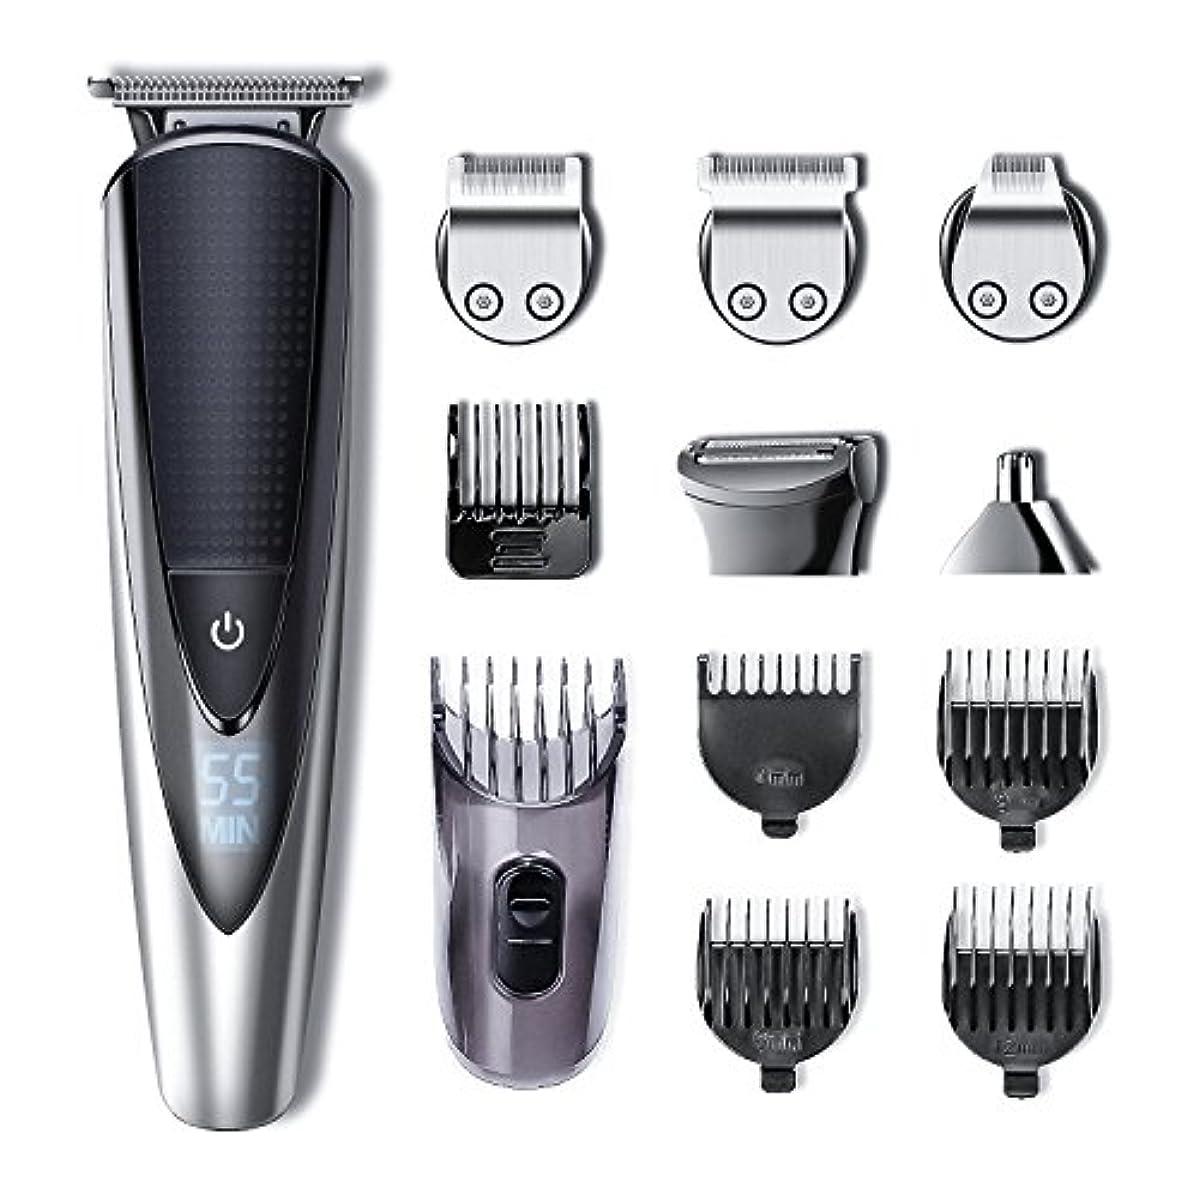 方言準拠酸素Hatteker Mens Beard Trimmer Kit Body Mustache Trimmer Hair Trimmer for Nose Ear Grooming Trimmer Kit Body Grommer...